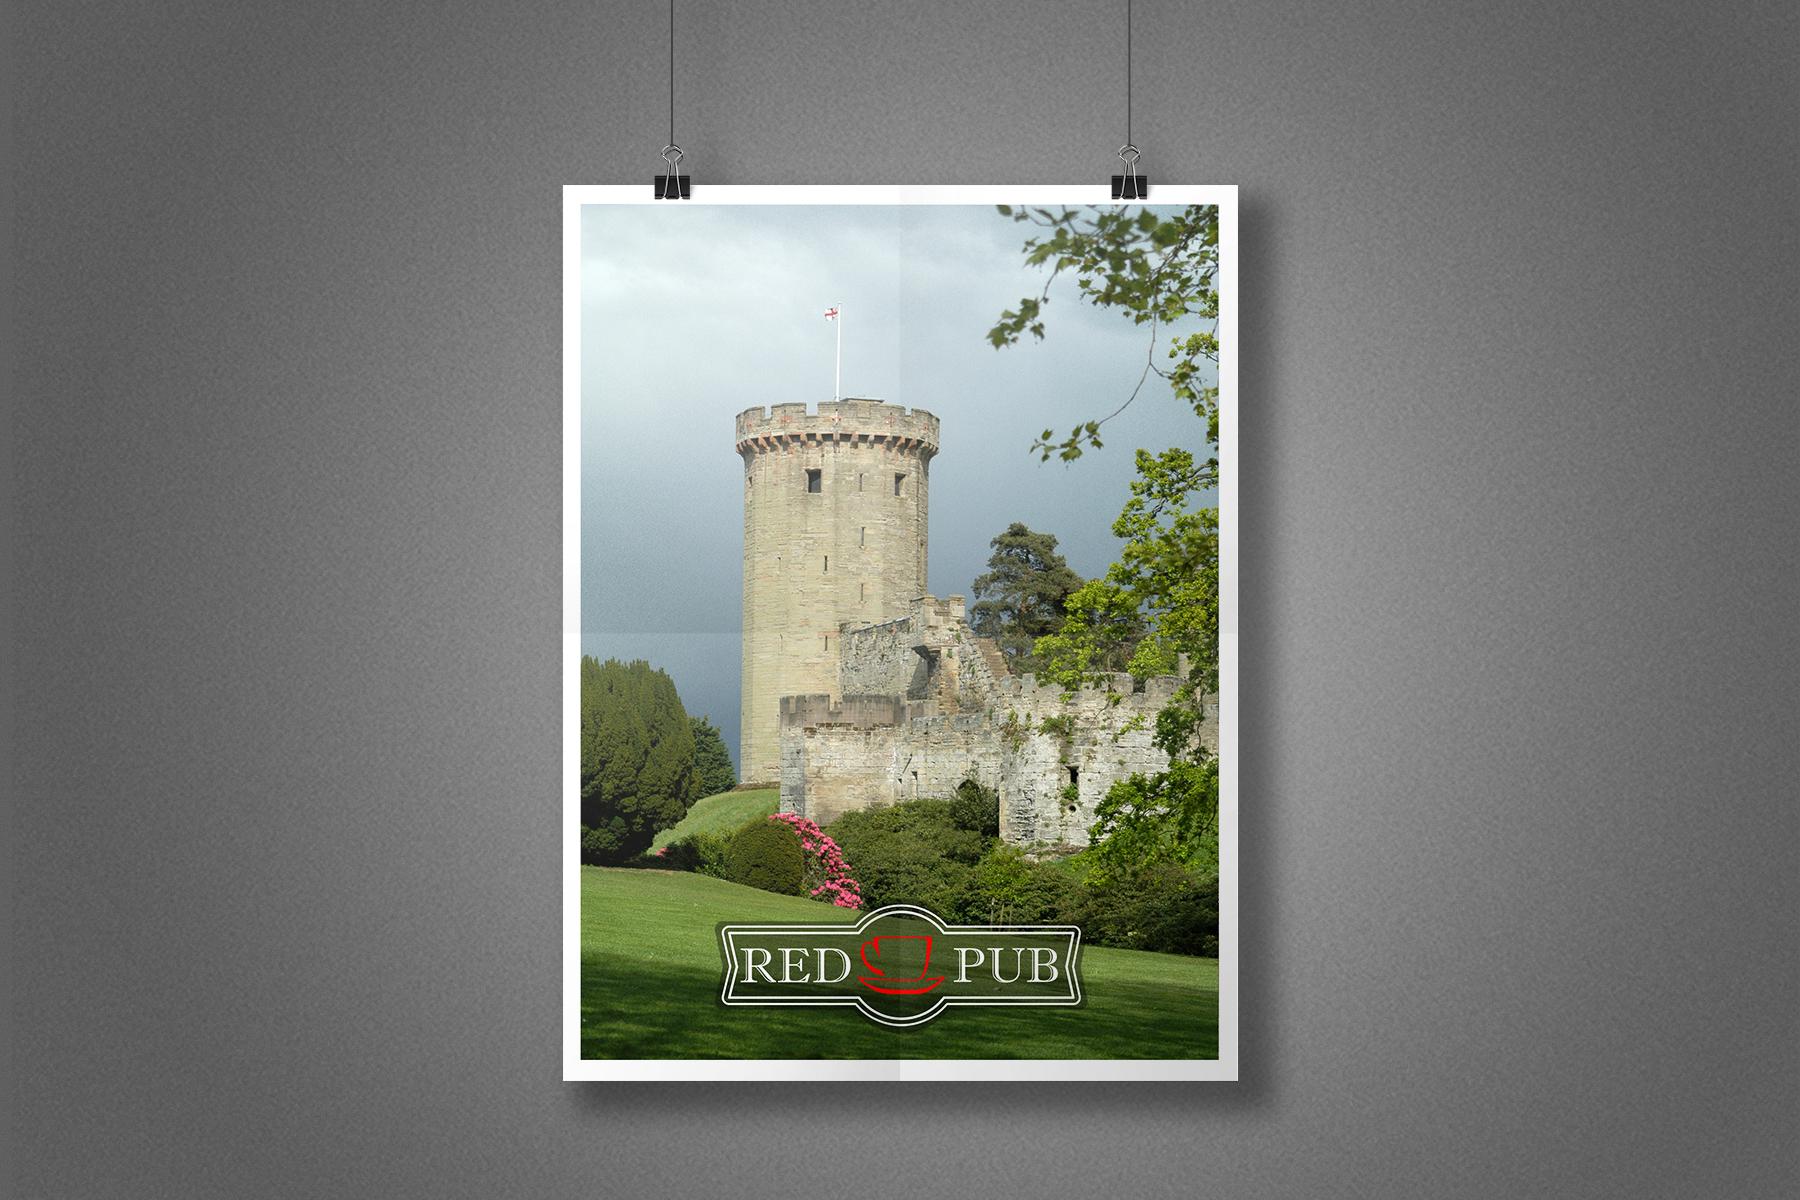 Плакат Red Cup Pub - Винзорский замок